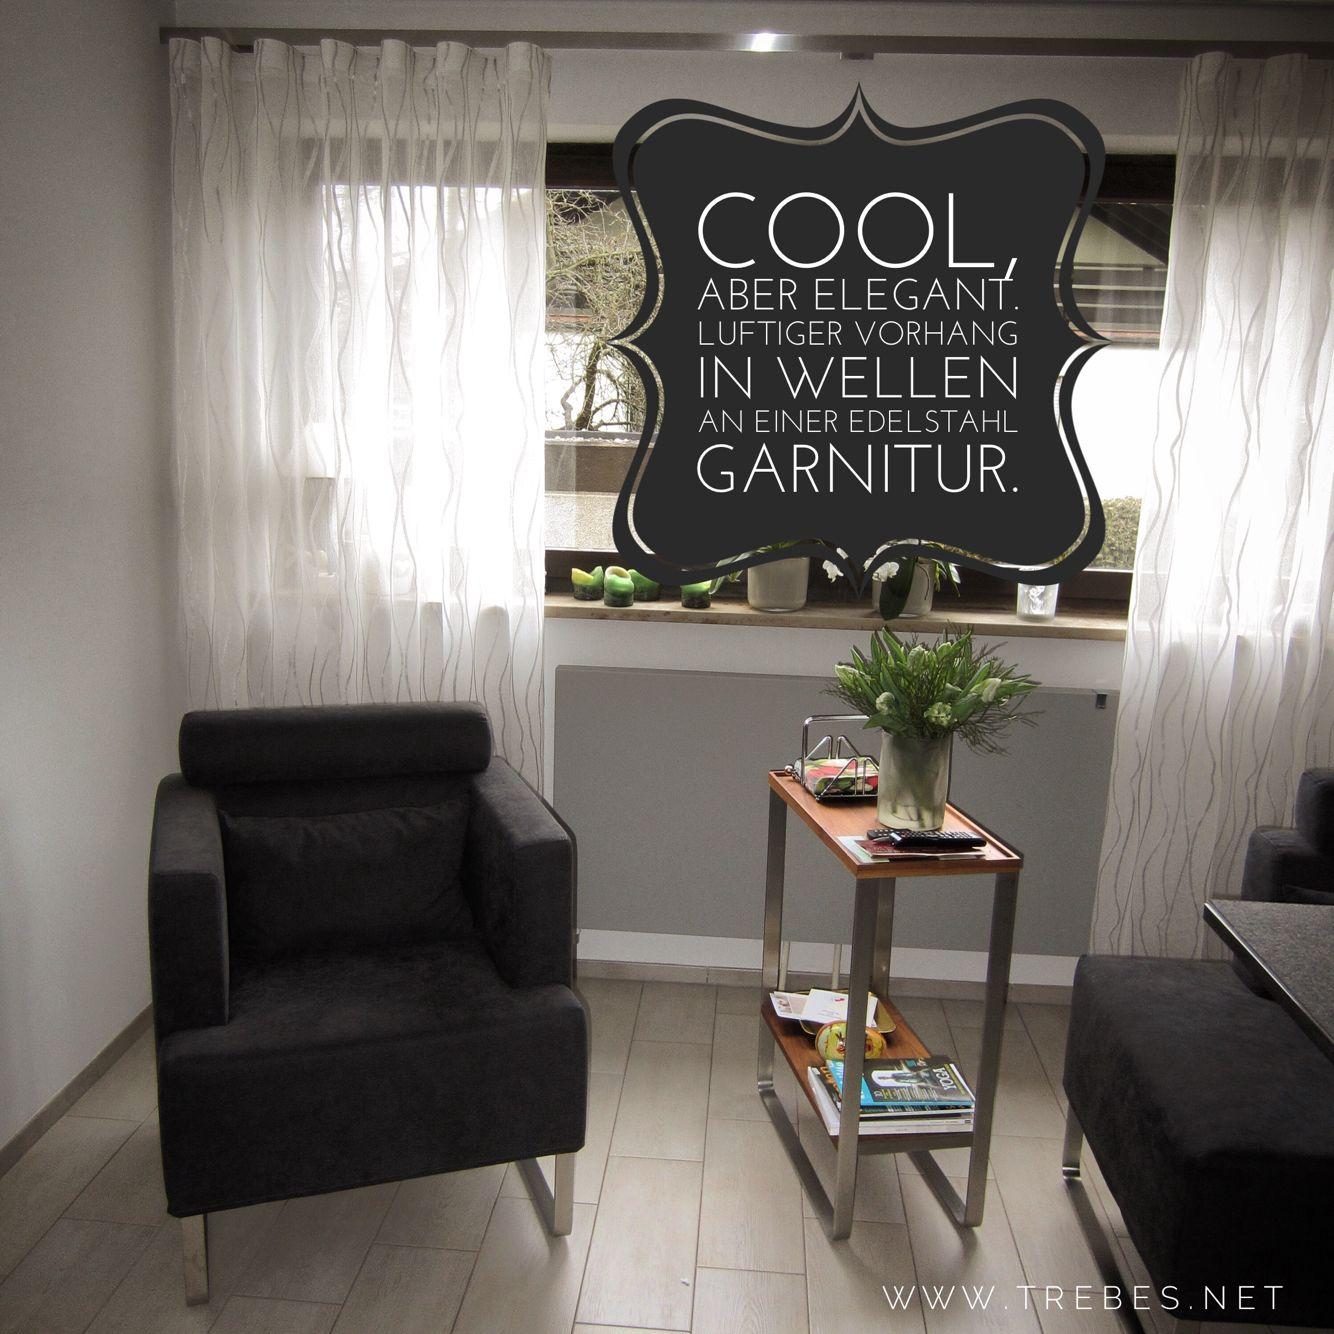 modern und elegant cool wohnen f r jedes alter zitate zum zuhause wohlf hlen von ihrer. Black Bedroom Furniture Sets. Home Design Ideas